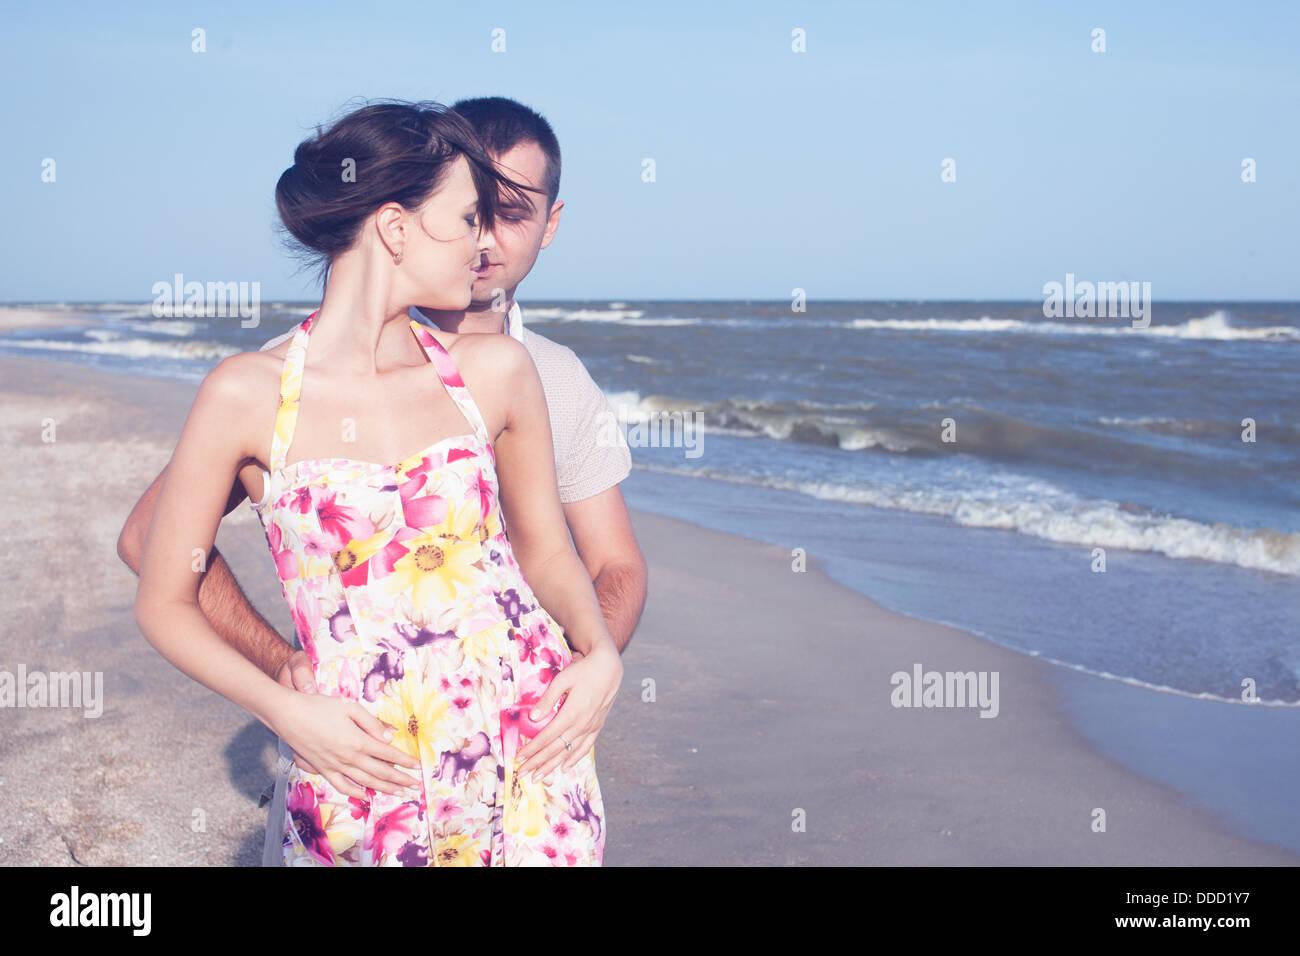 Couple hétérosexuel passionnés sur le bord de la mer. À l'extérieur Photo Stock